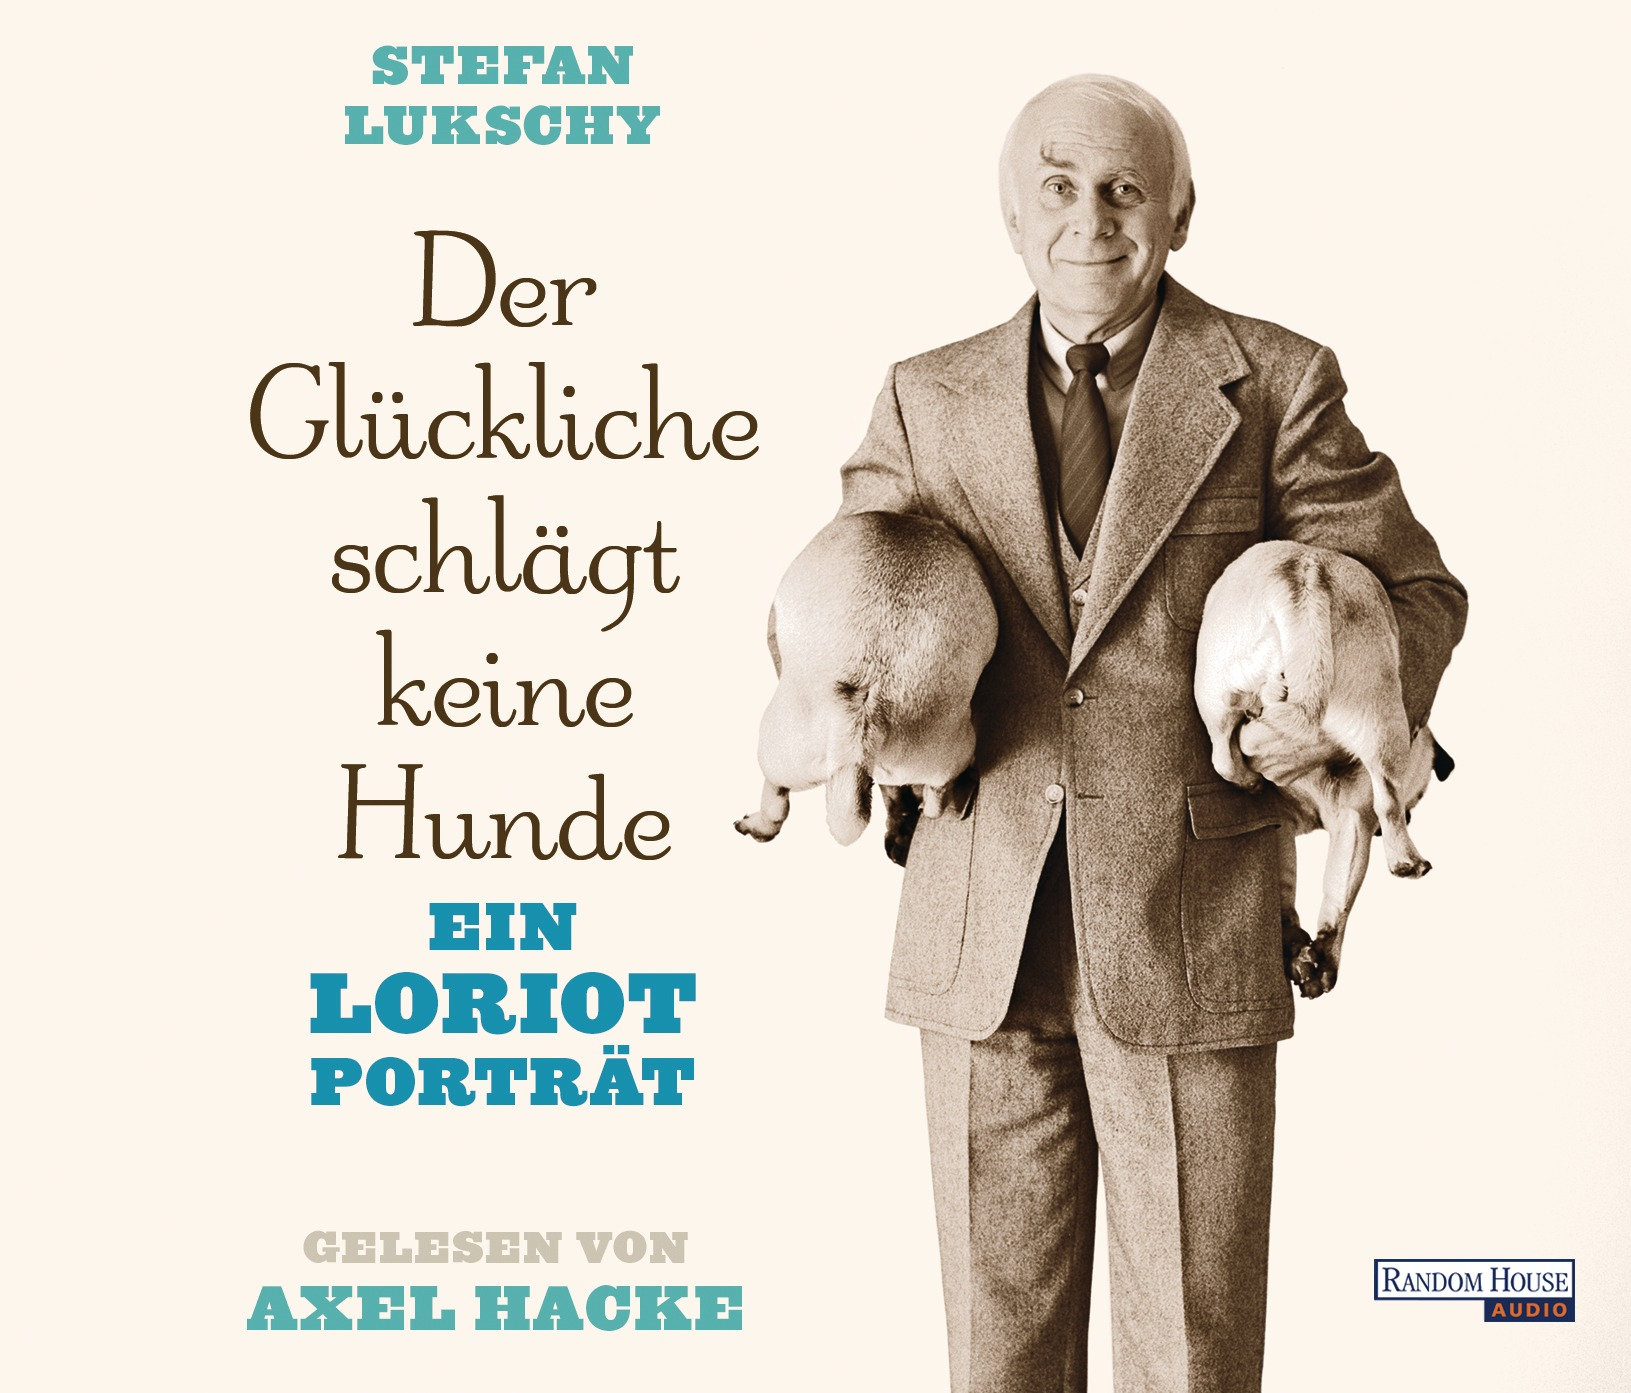 Der Glückliche schlägt keine Hunde: Ein Loriot Porträt - Stefan Lukschy [4 Audio CDs; gekürzte Lesung]